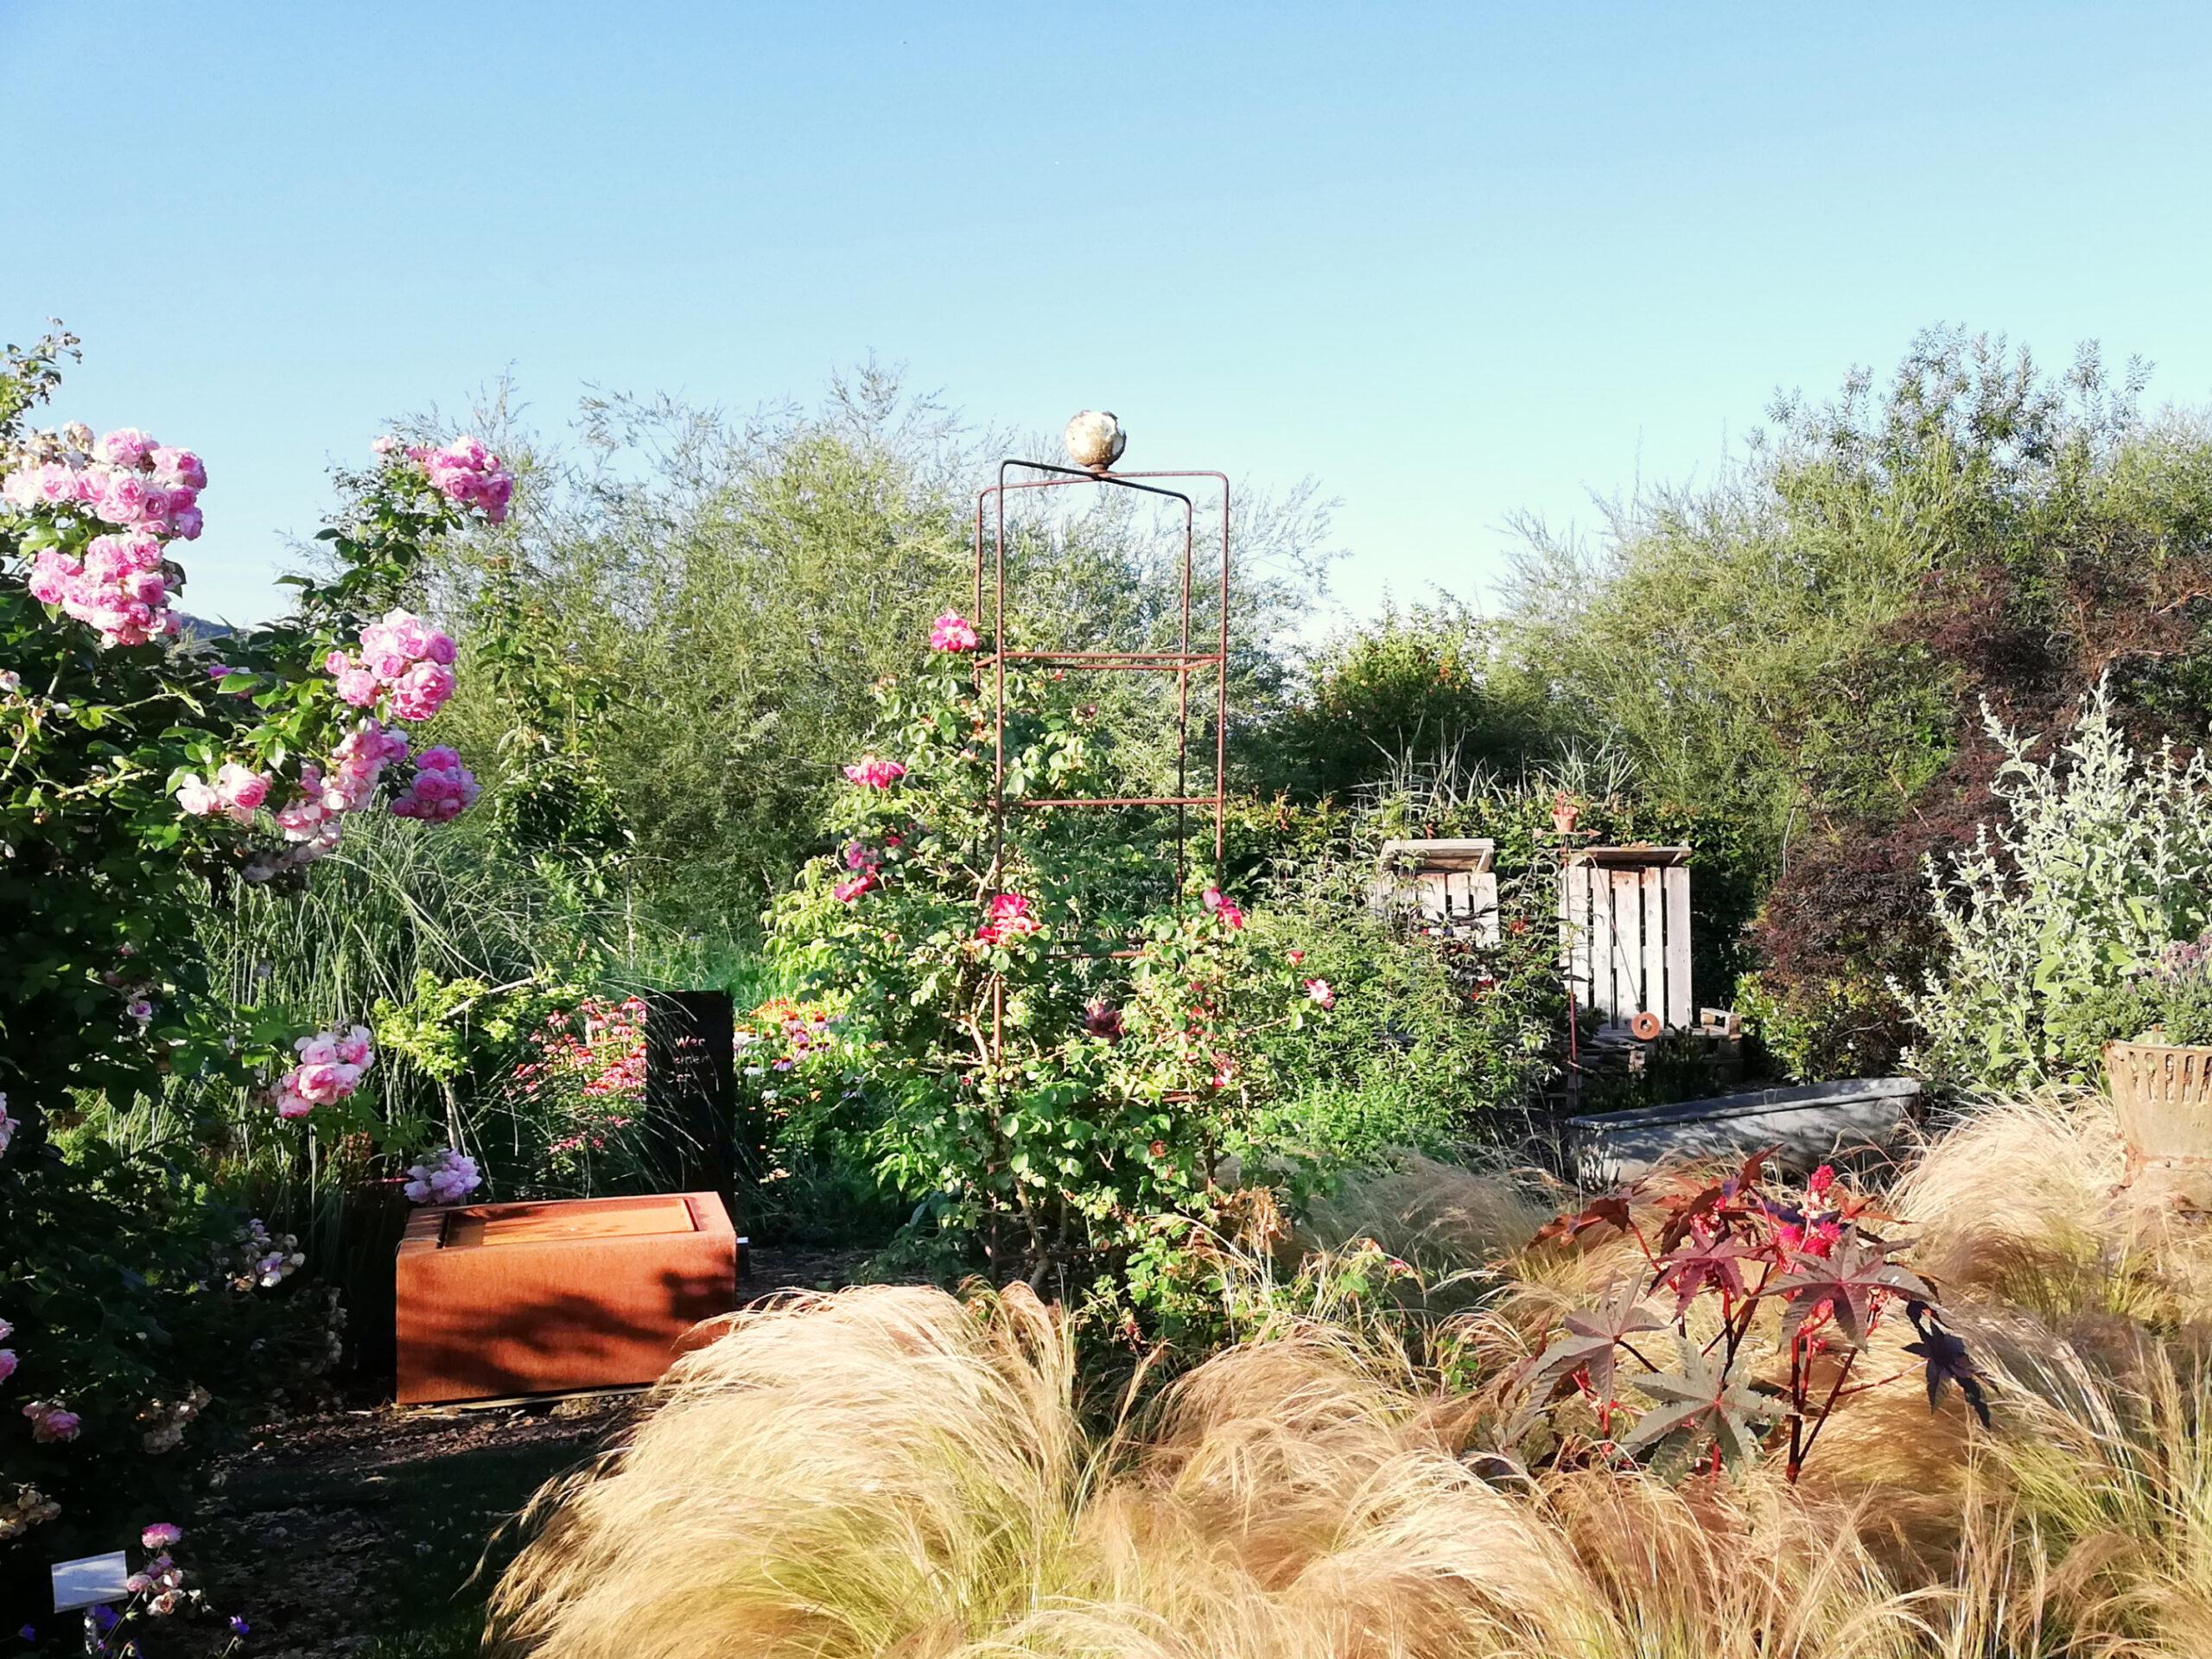 Gräser und Rosen im Garten